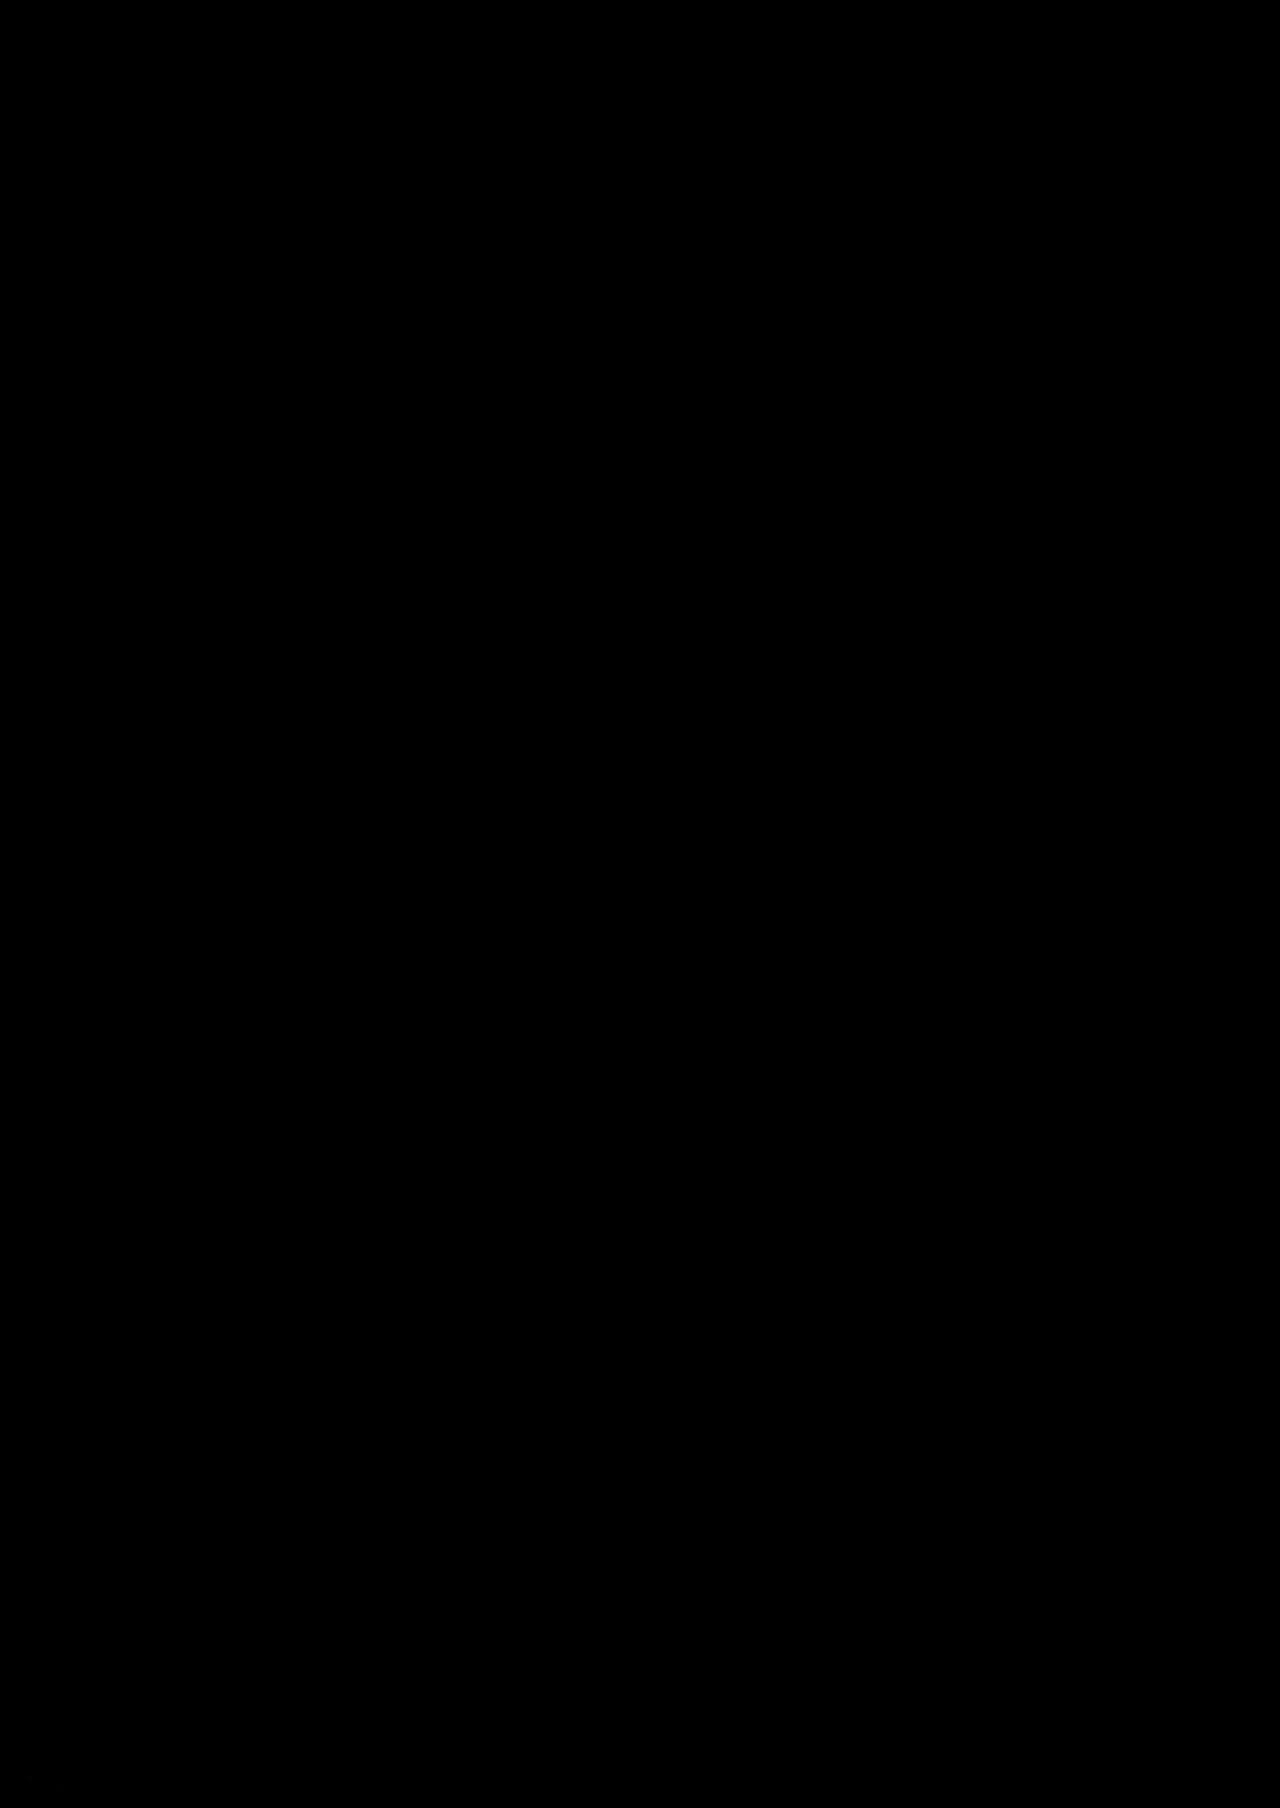 [Eromazun (Ma-kurou)] Mesu Ochi Jou Muzan-sama - RAPE OF DEMON SLAYER 4 | Making a Mess of Lady Muzan-sama - RAPE OF DEMON SLAYER 4 (Kimetsu no Yaiba) [English] [Keye Necktire] [Digital] 1